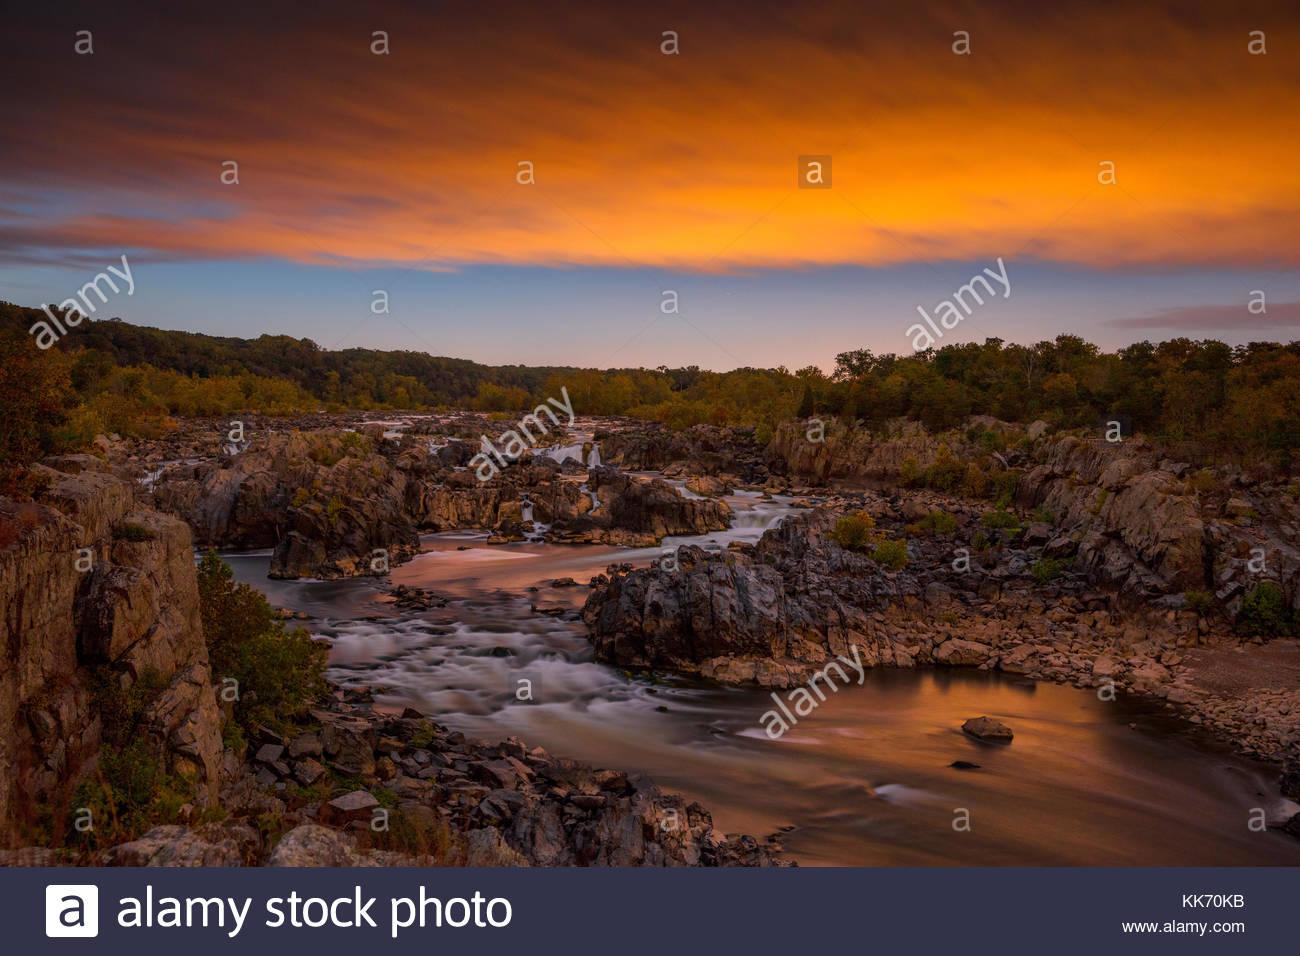 Un coucher de soleil couleurs le ciel au-dessus des grandes chutes de la rivière Potomac, situé dans la Photo Stock